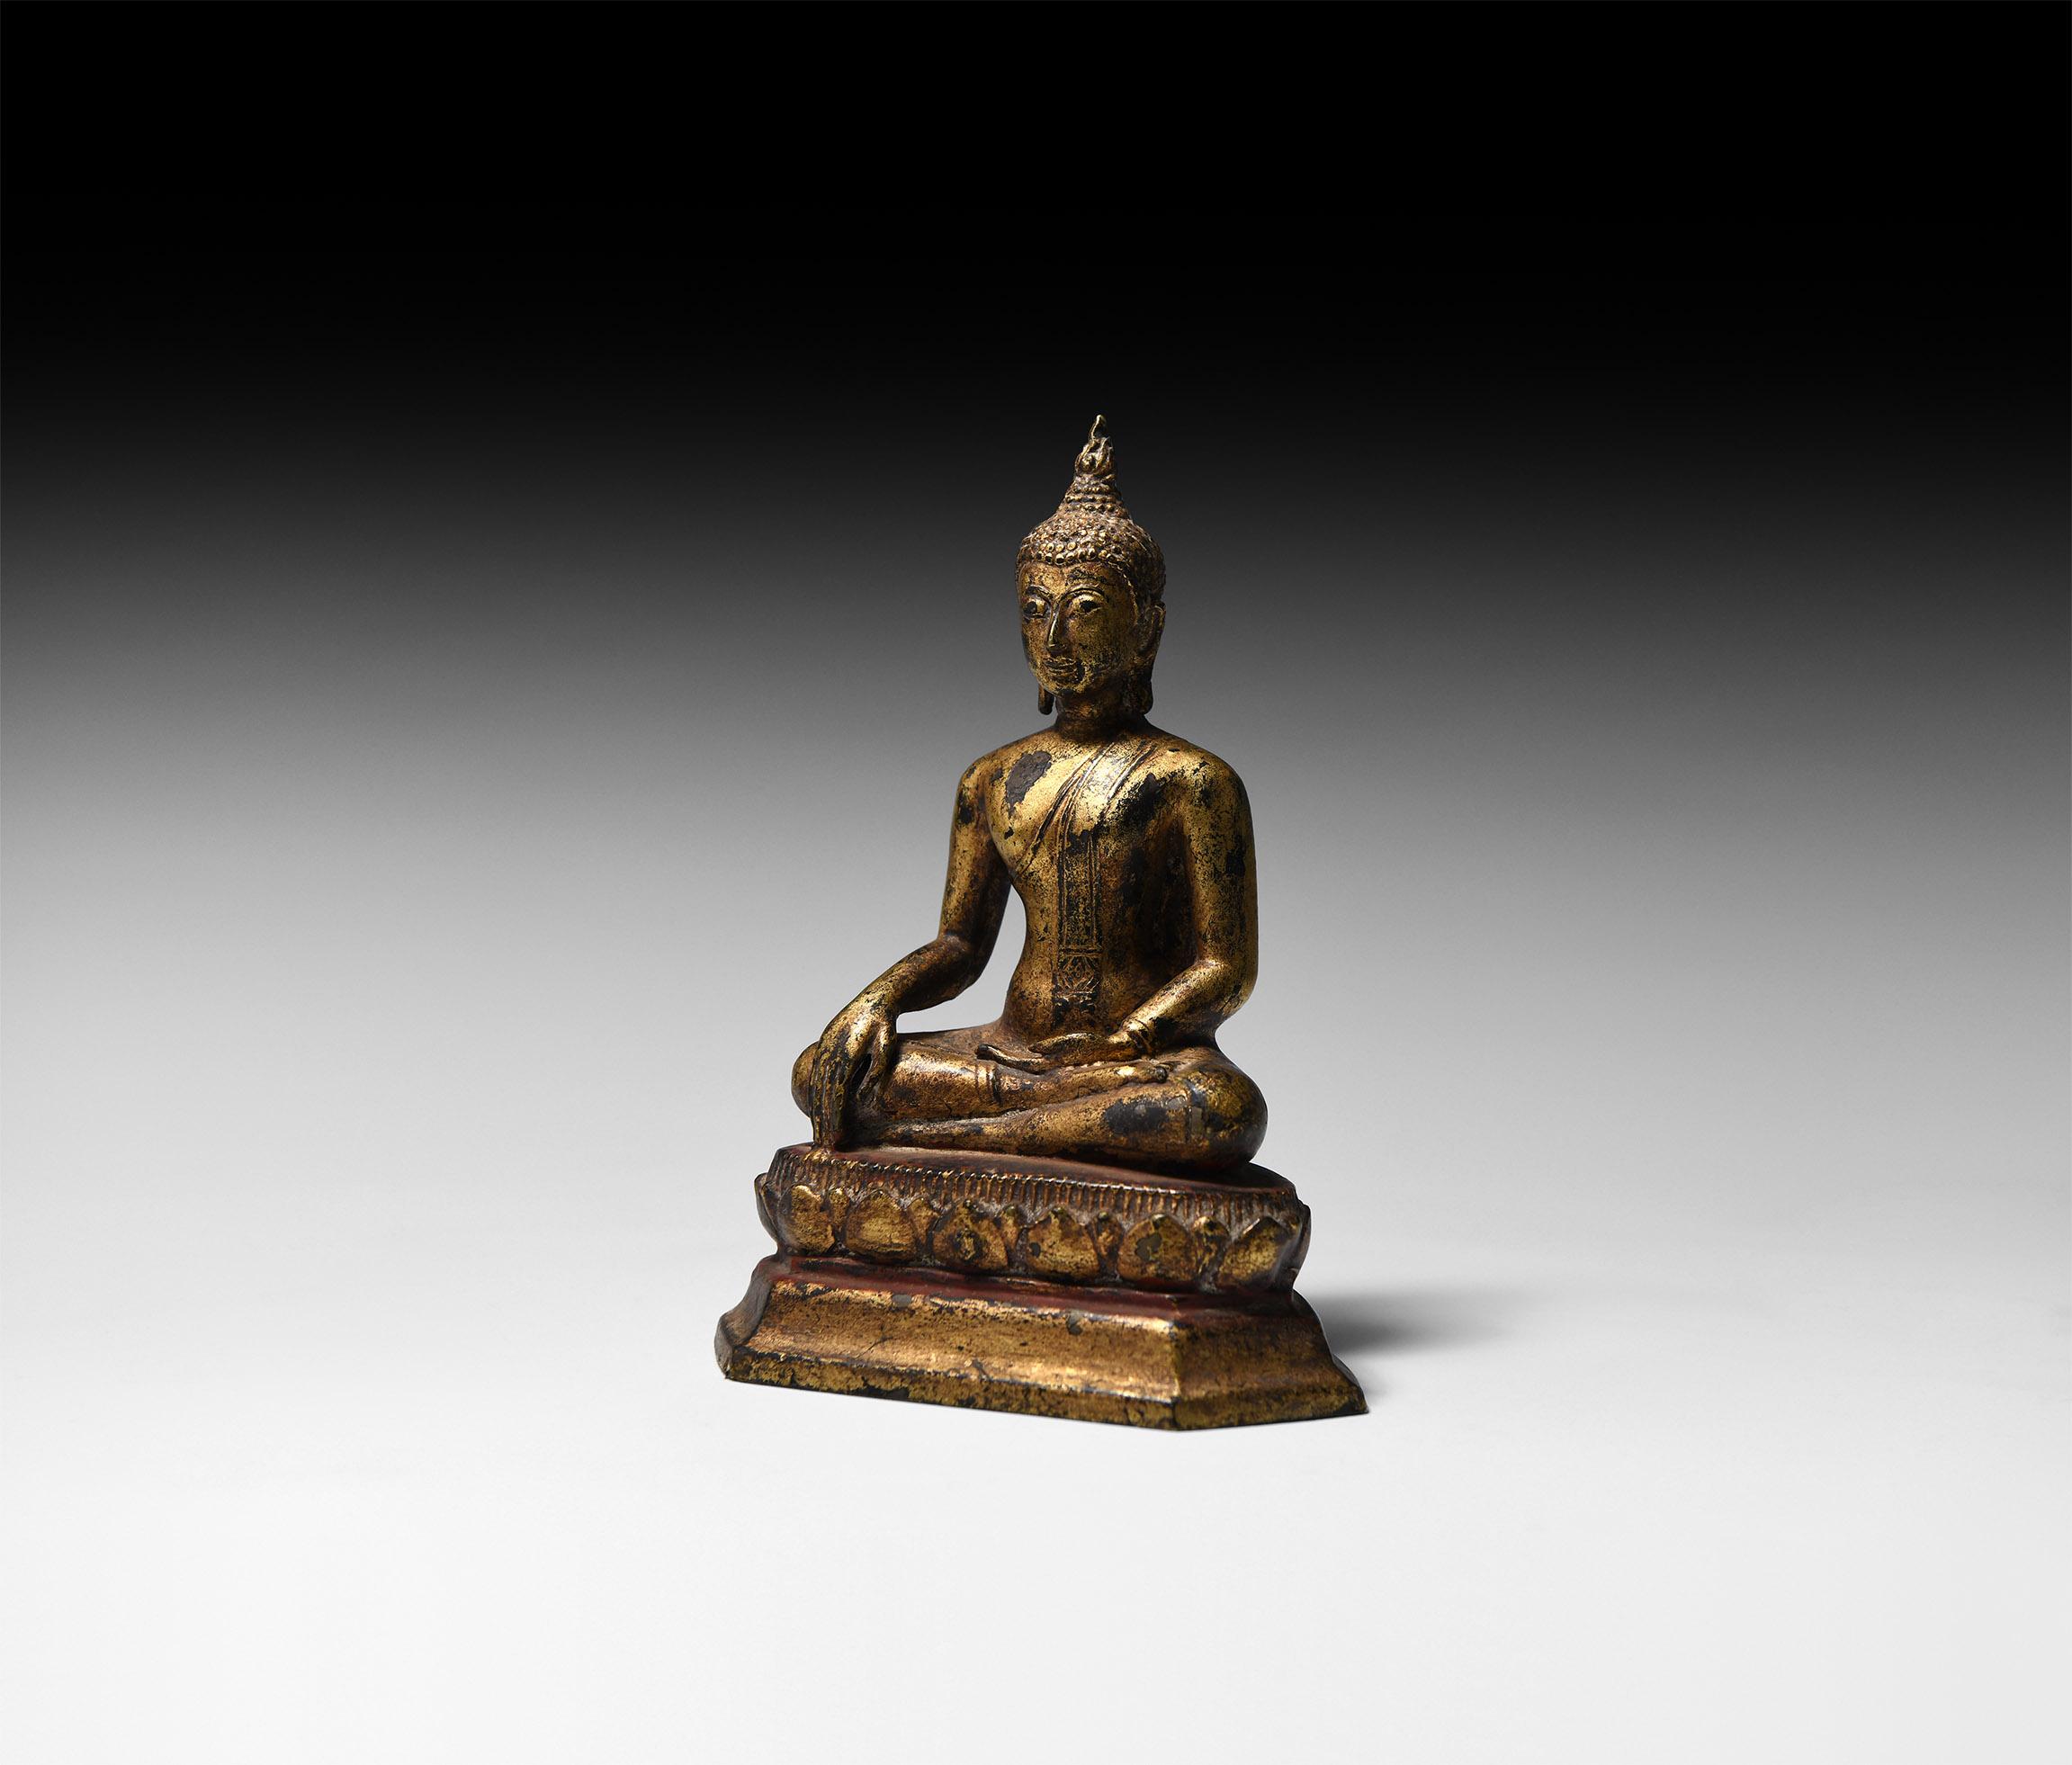 Thai Gilt Sitting Buddha Touching the Earth